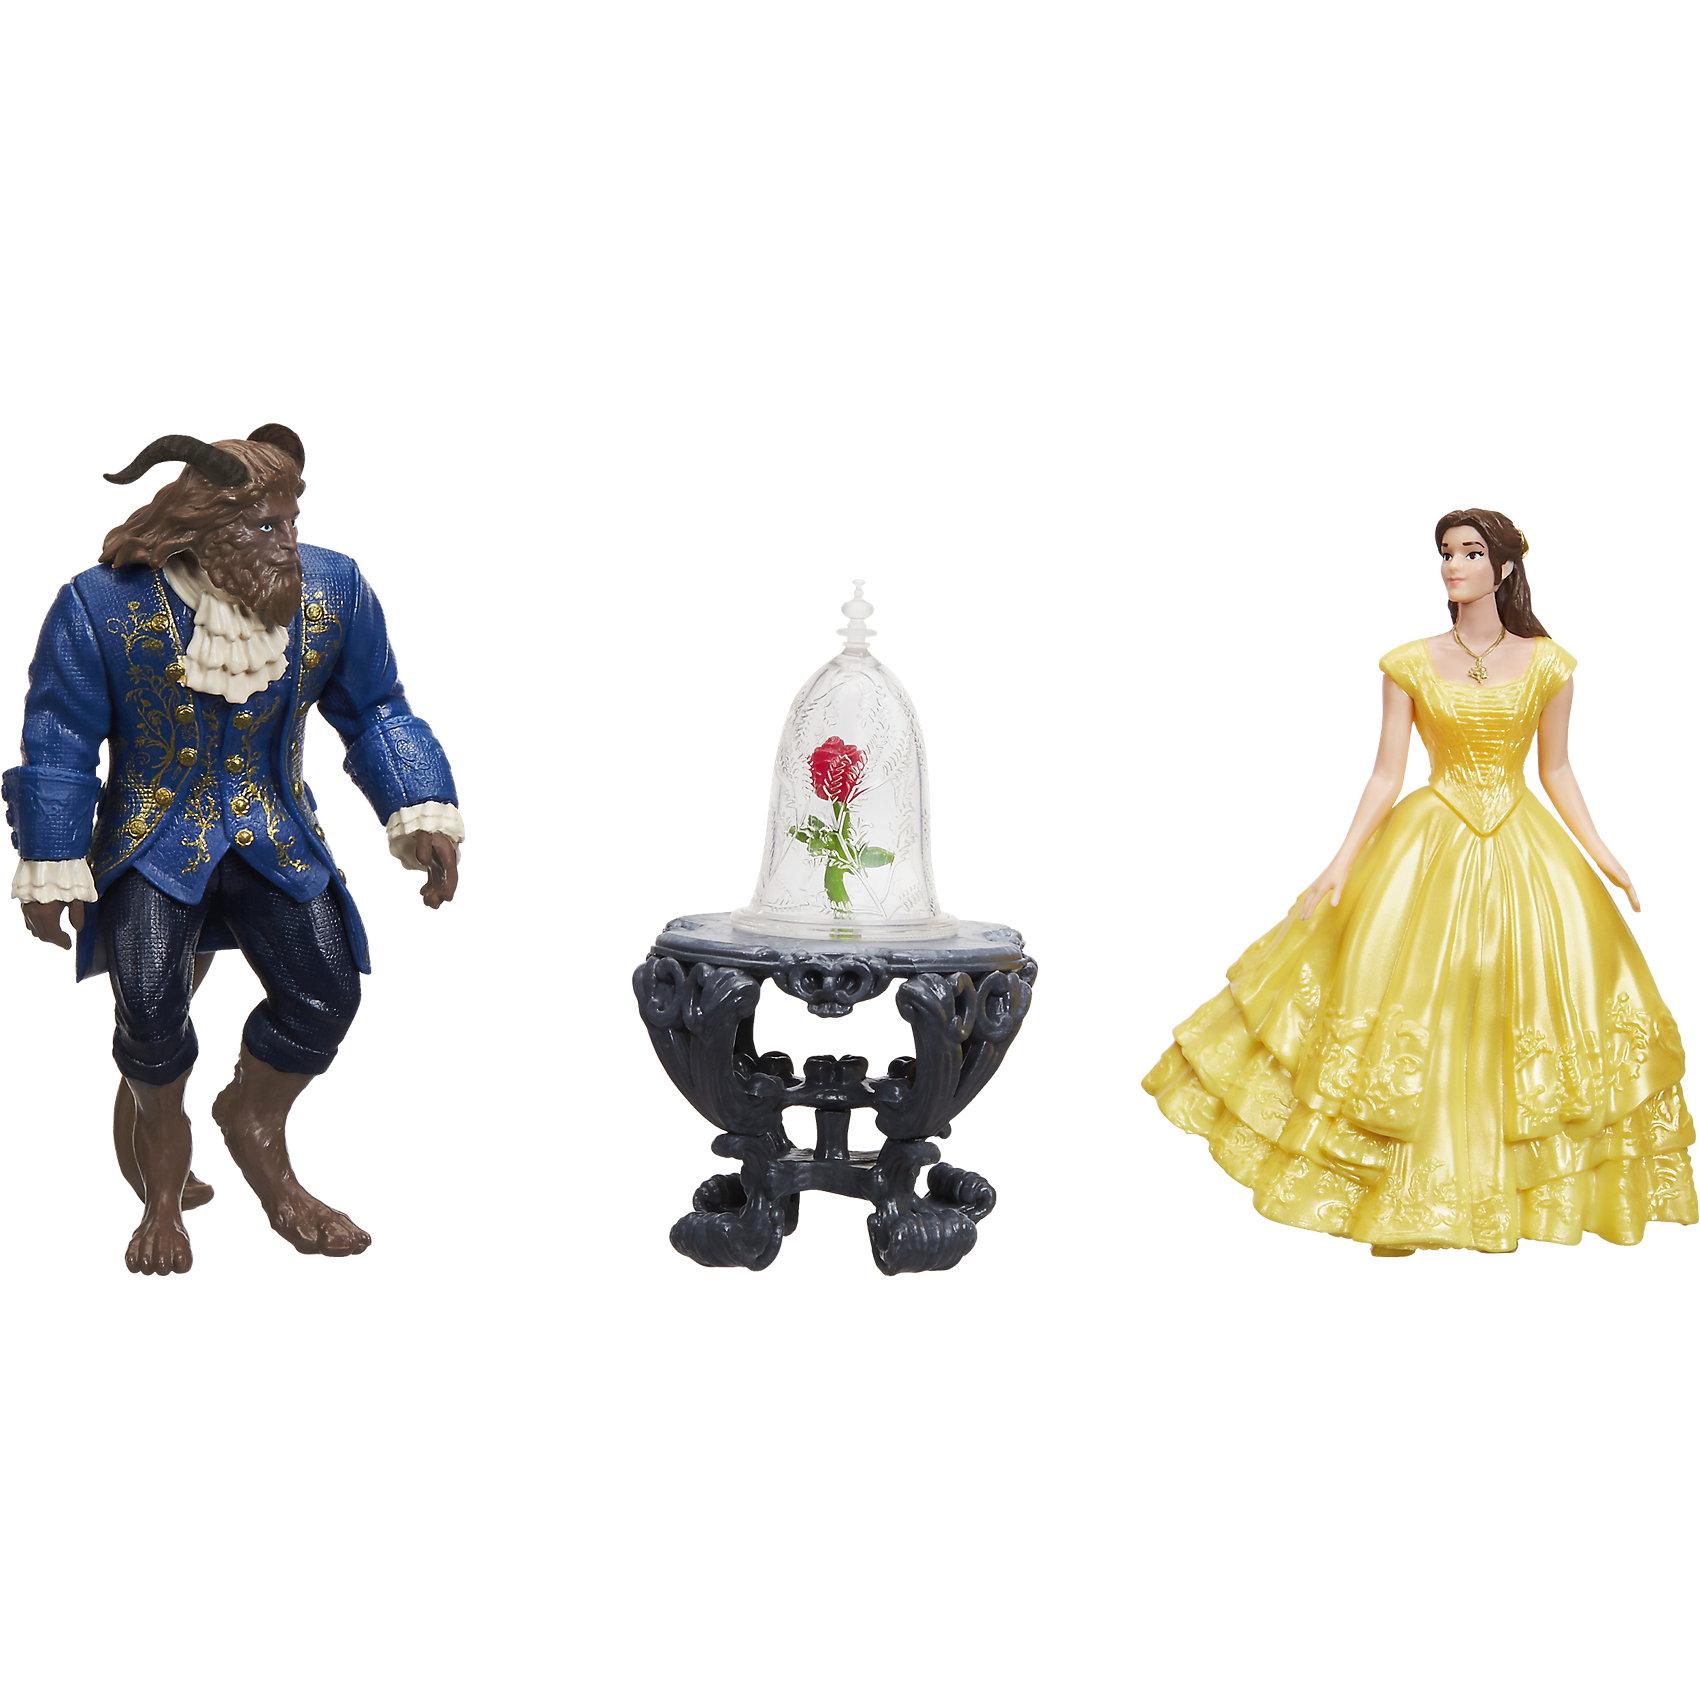 Набор мини-кукол Бэлль, Чудовище и роза, Принцессы ДиснейЛюбимые герои<br>В фильме заколдованные объекты направляют Красавицу и чудовище к раскрытию своего прошлого, настоящего и будущего одновременно. С этими предметами, фигурками Белль и Чудовища девочки могу разыгрывать ключевые сцены из фильма и придумывать свои собственные истории. В набор входят кукла, платье, чудовище, столик, ваза для розы, книга и зеркало.<br><br>Ширина мм: 277<br>Глубина мм: 251<br>Высота мм: 68<br>Вес г: 305<br>Возраст от месяцев: 36<br>Возраст до месяцев: 84<br>Пол: Женский<br>Возраст: Детский<br>SKU: 5225695